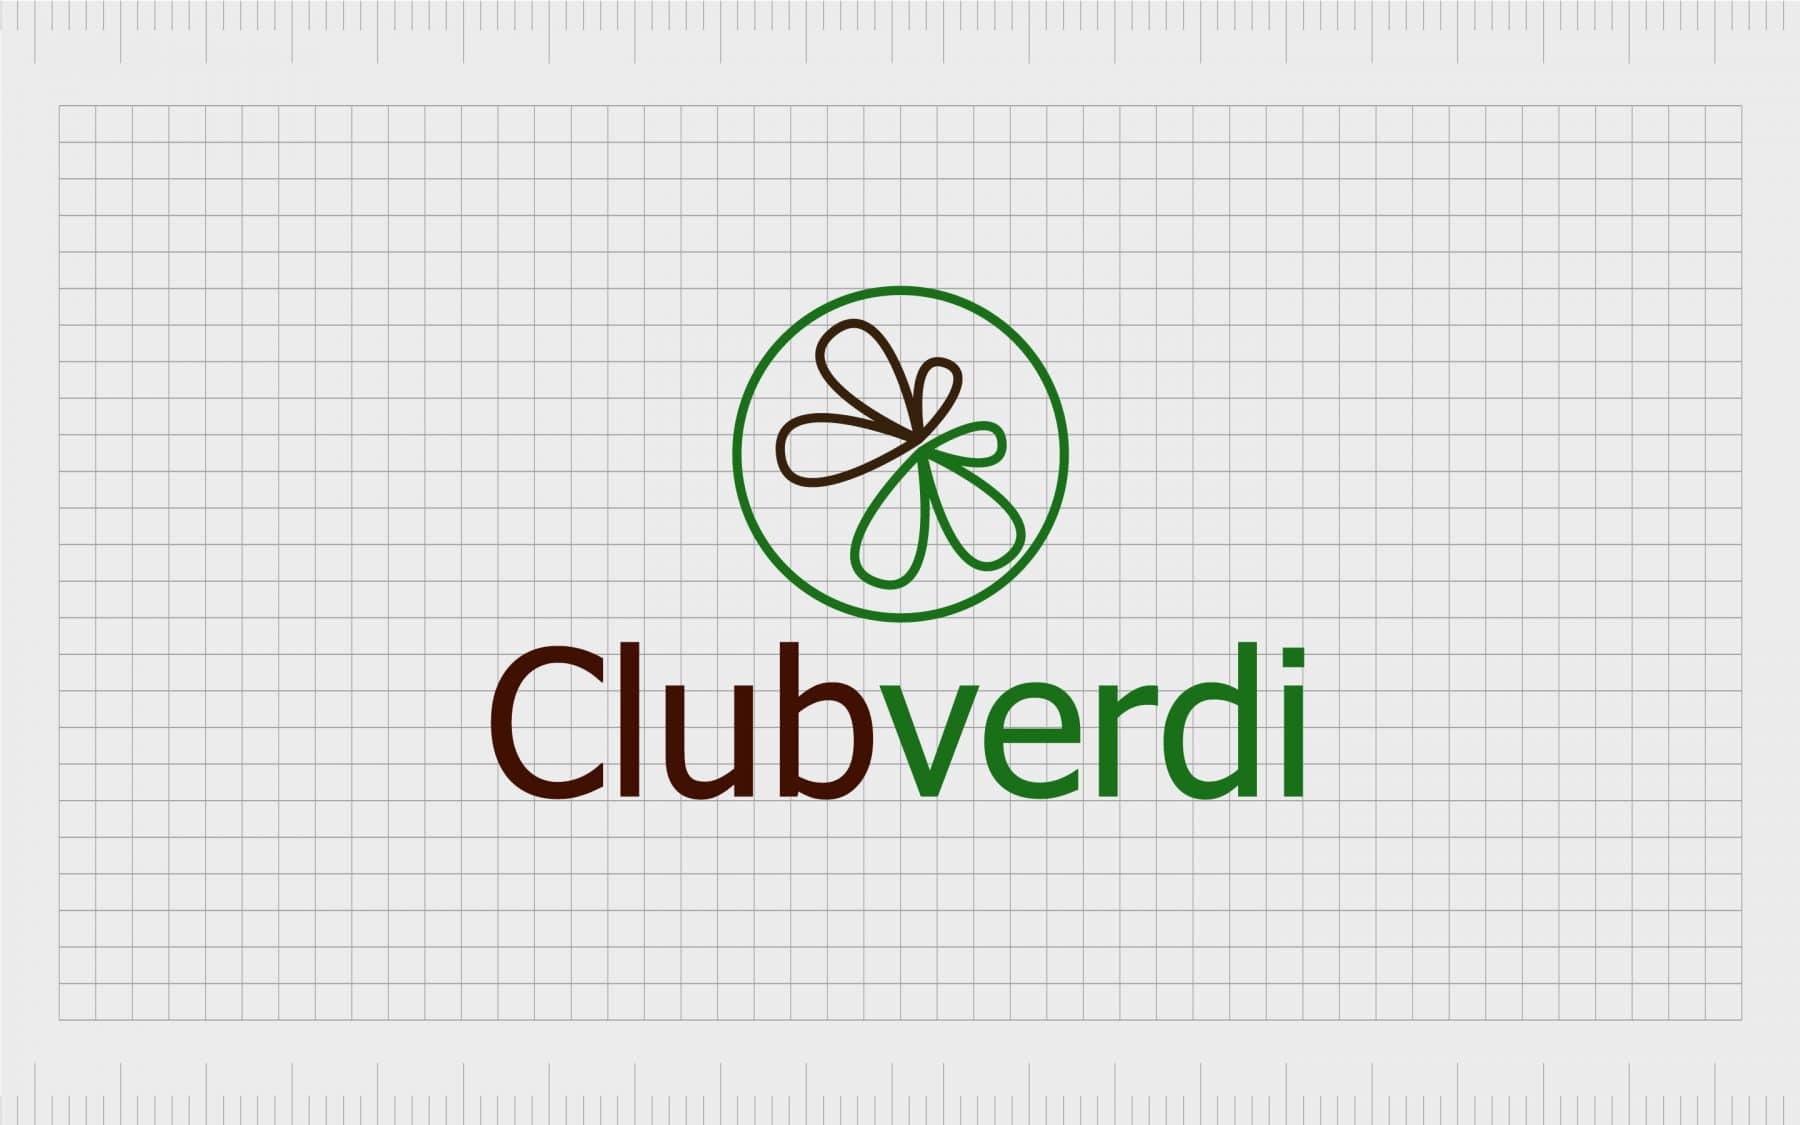 Clubverdi